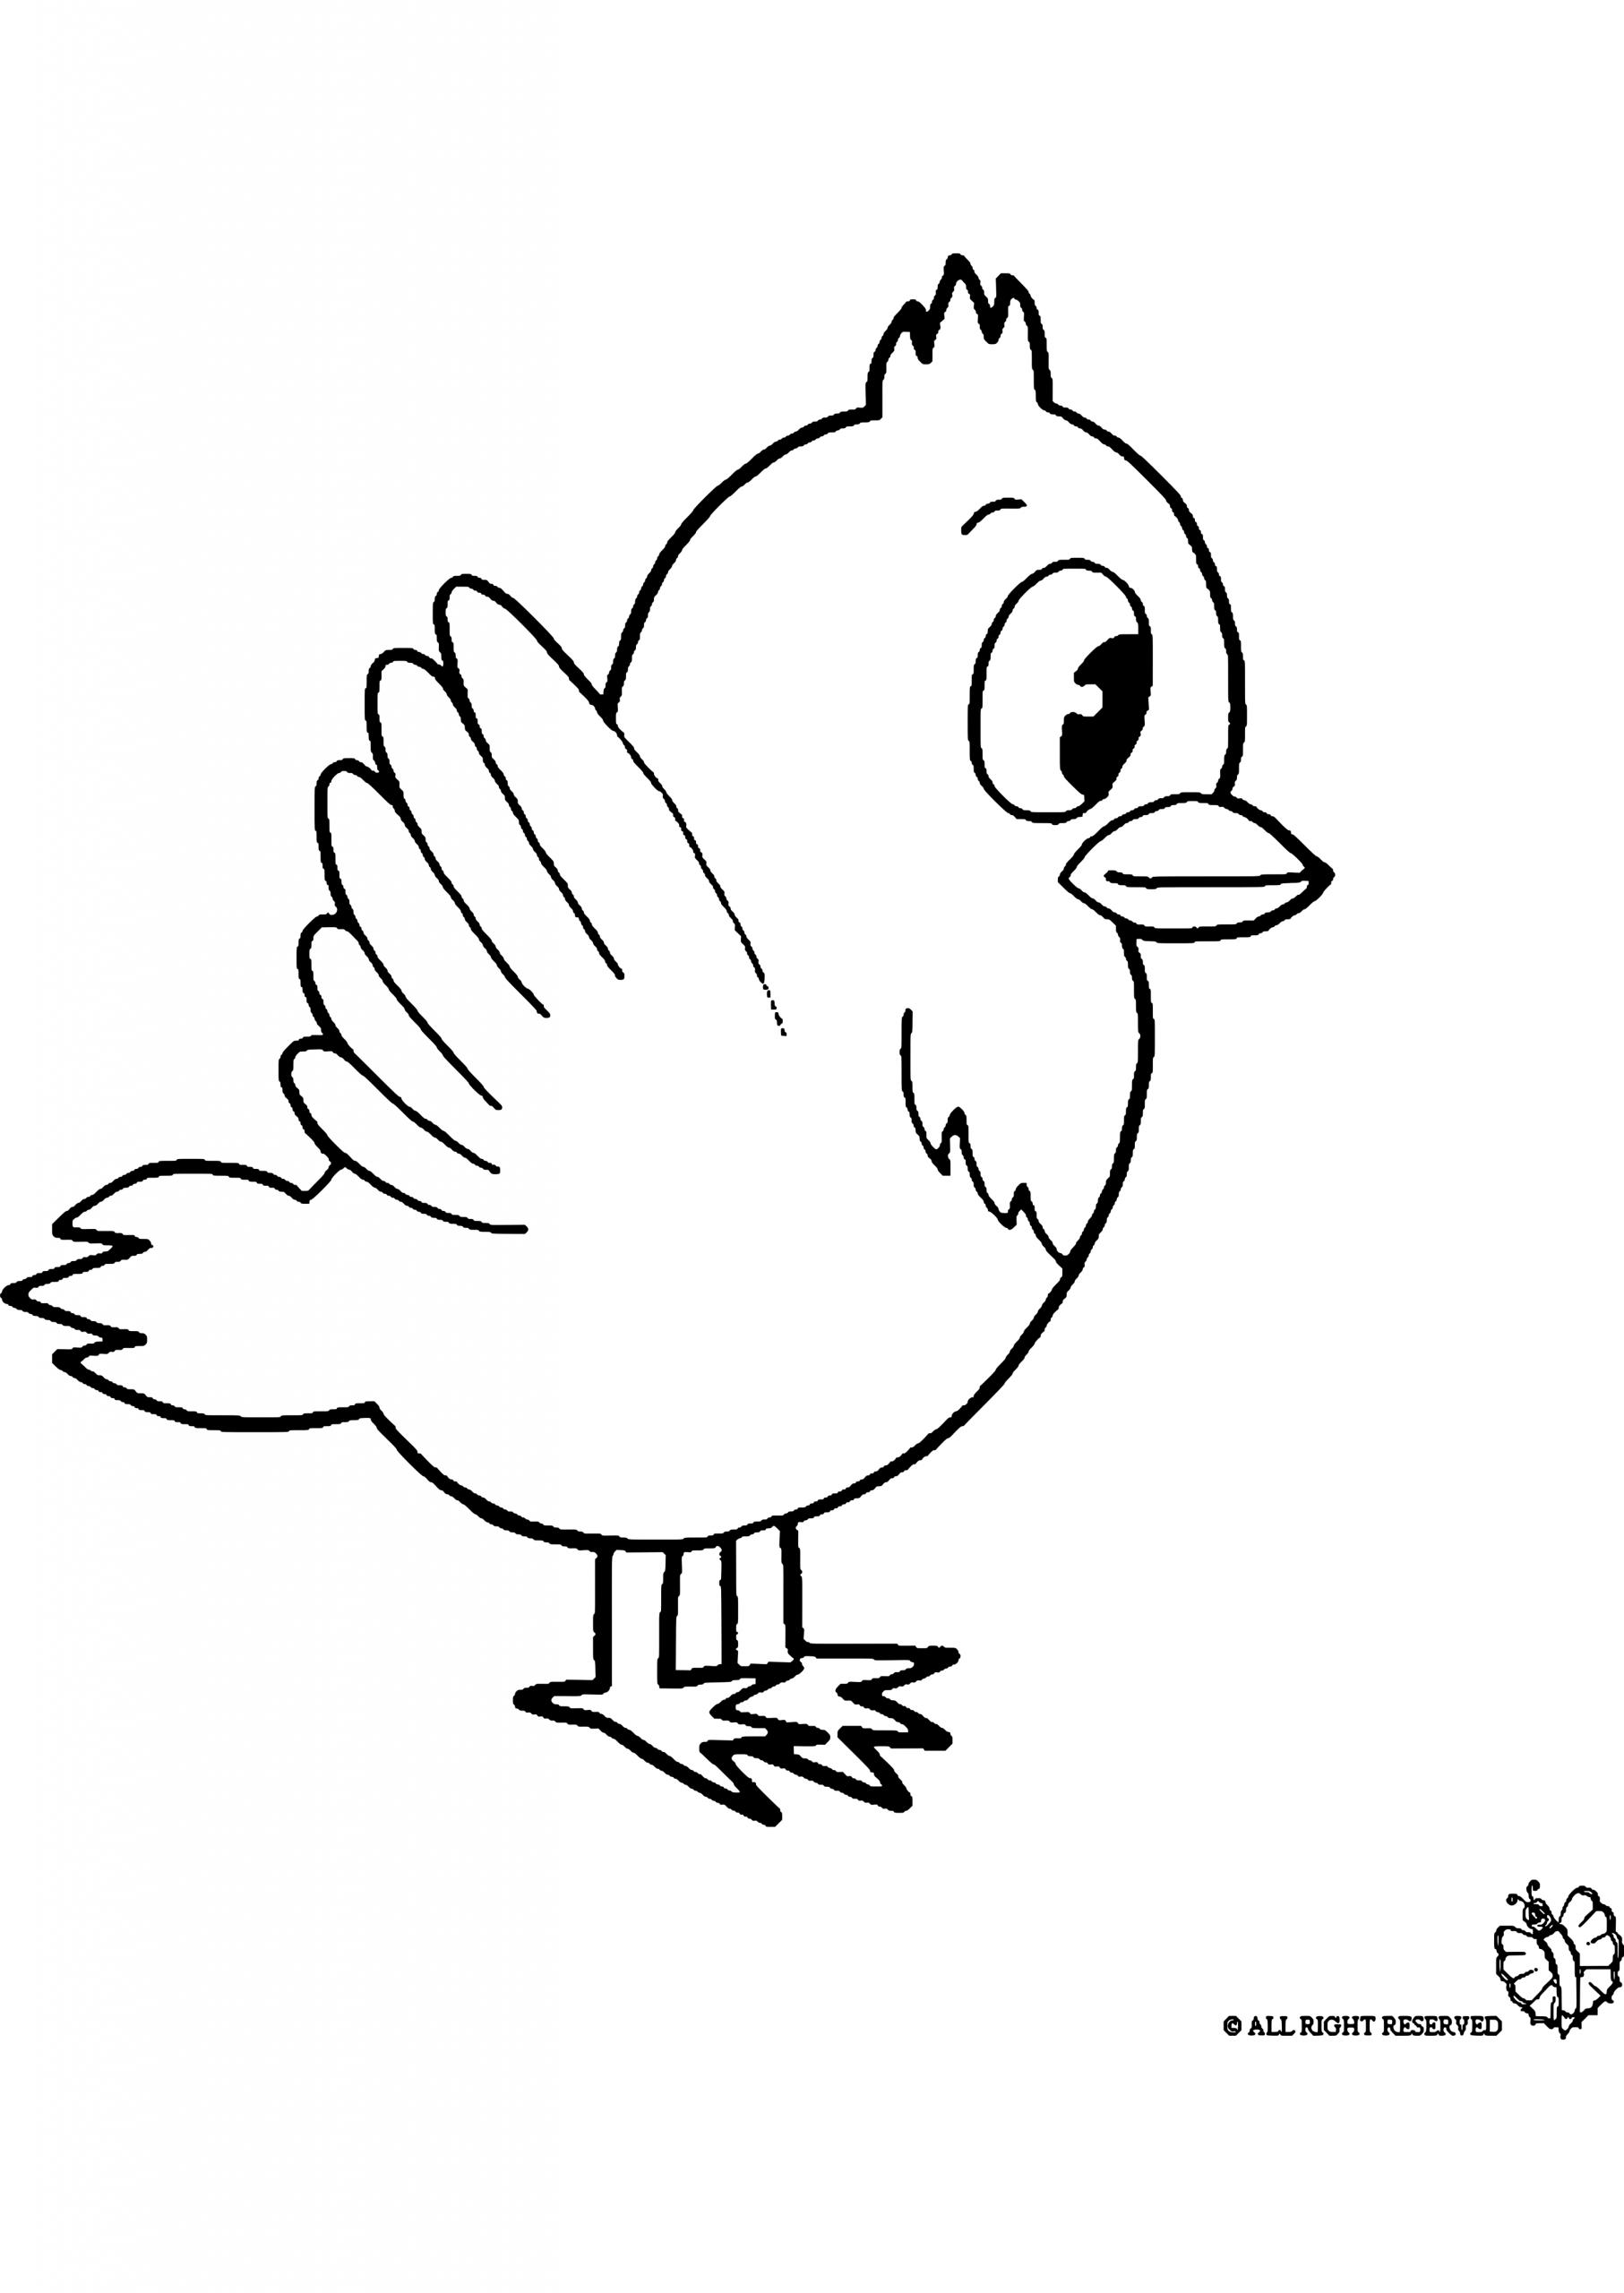 Oiseau Coloriage. Coloriage Duoiseau En Hiver. Coloriage encequiconcerne Jeux De Oiseau Gratuit